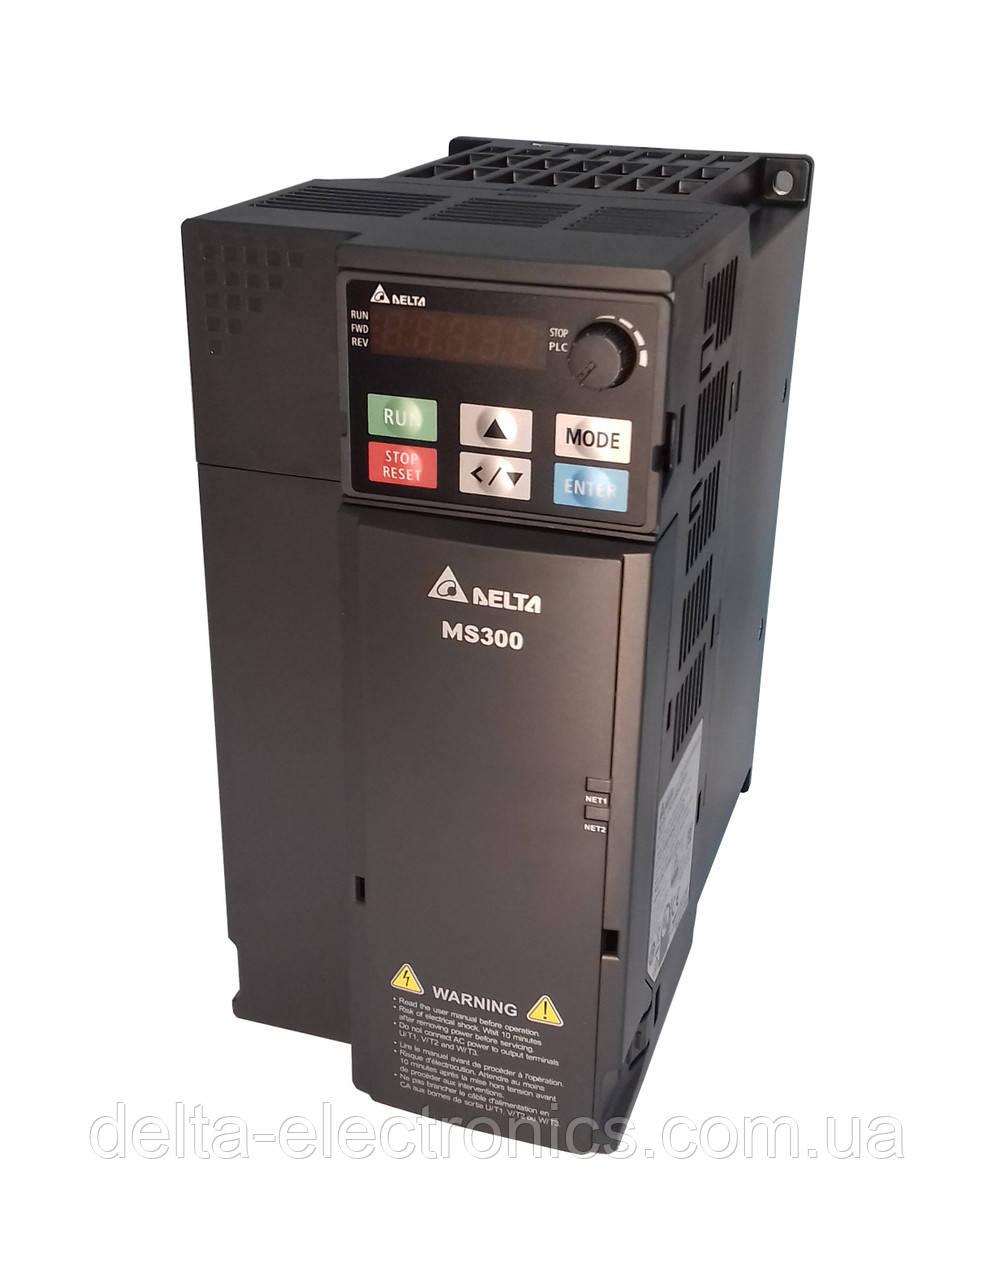 Преобразователь частоты MS300, 3x380В, 7,5 кВт, 17/20,5А, ЭМС С2 фильтр, векторный, c ПЛК, VFD17AMS43AFSAA